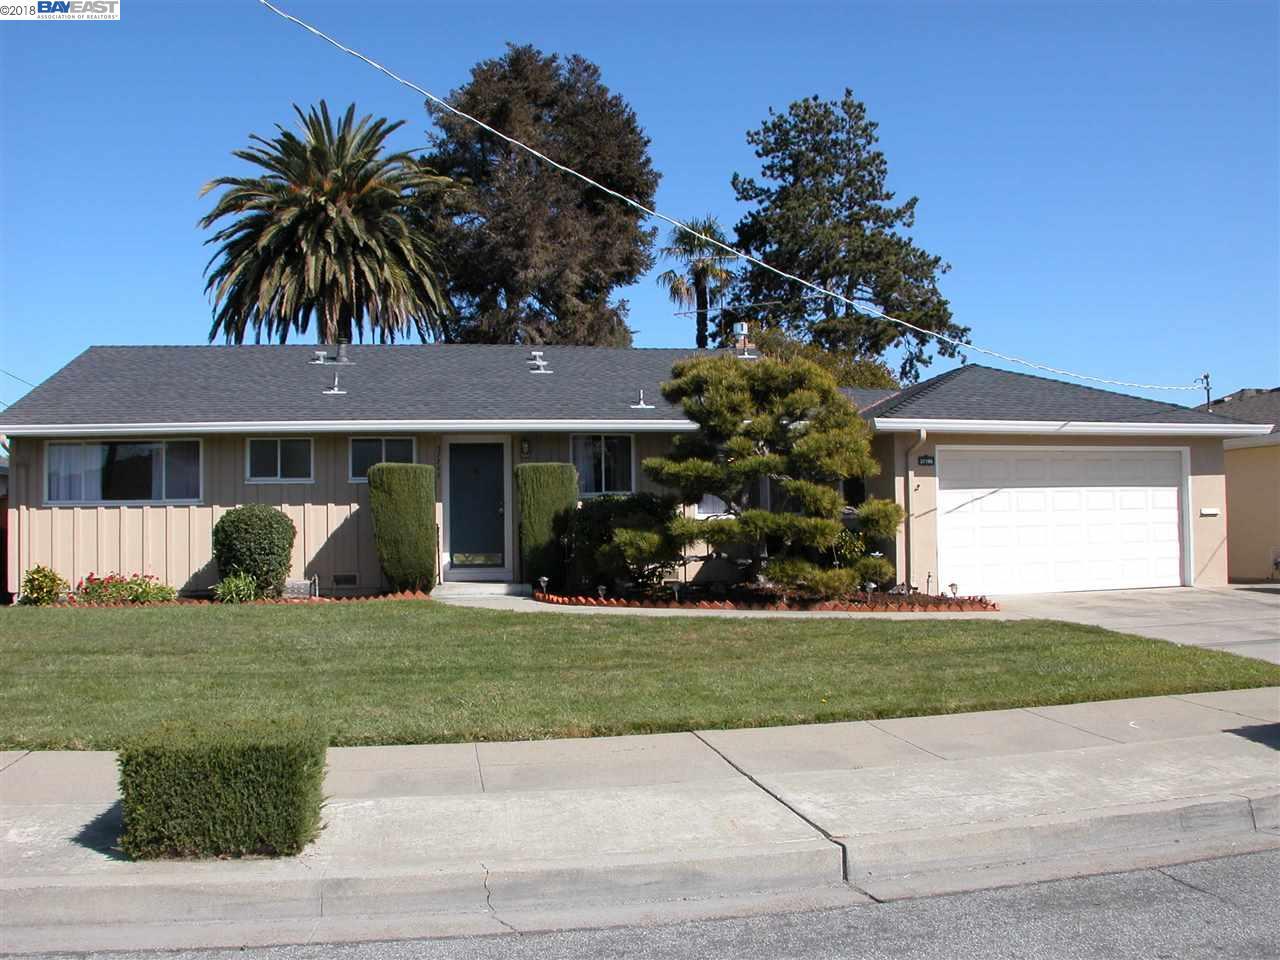 Maison unifamiliale pour l Vente à 37766 Elliot Street 37766 Elliot Street Fremont, Californie 94536 États-Unis